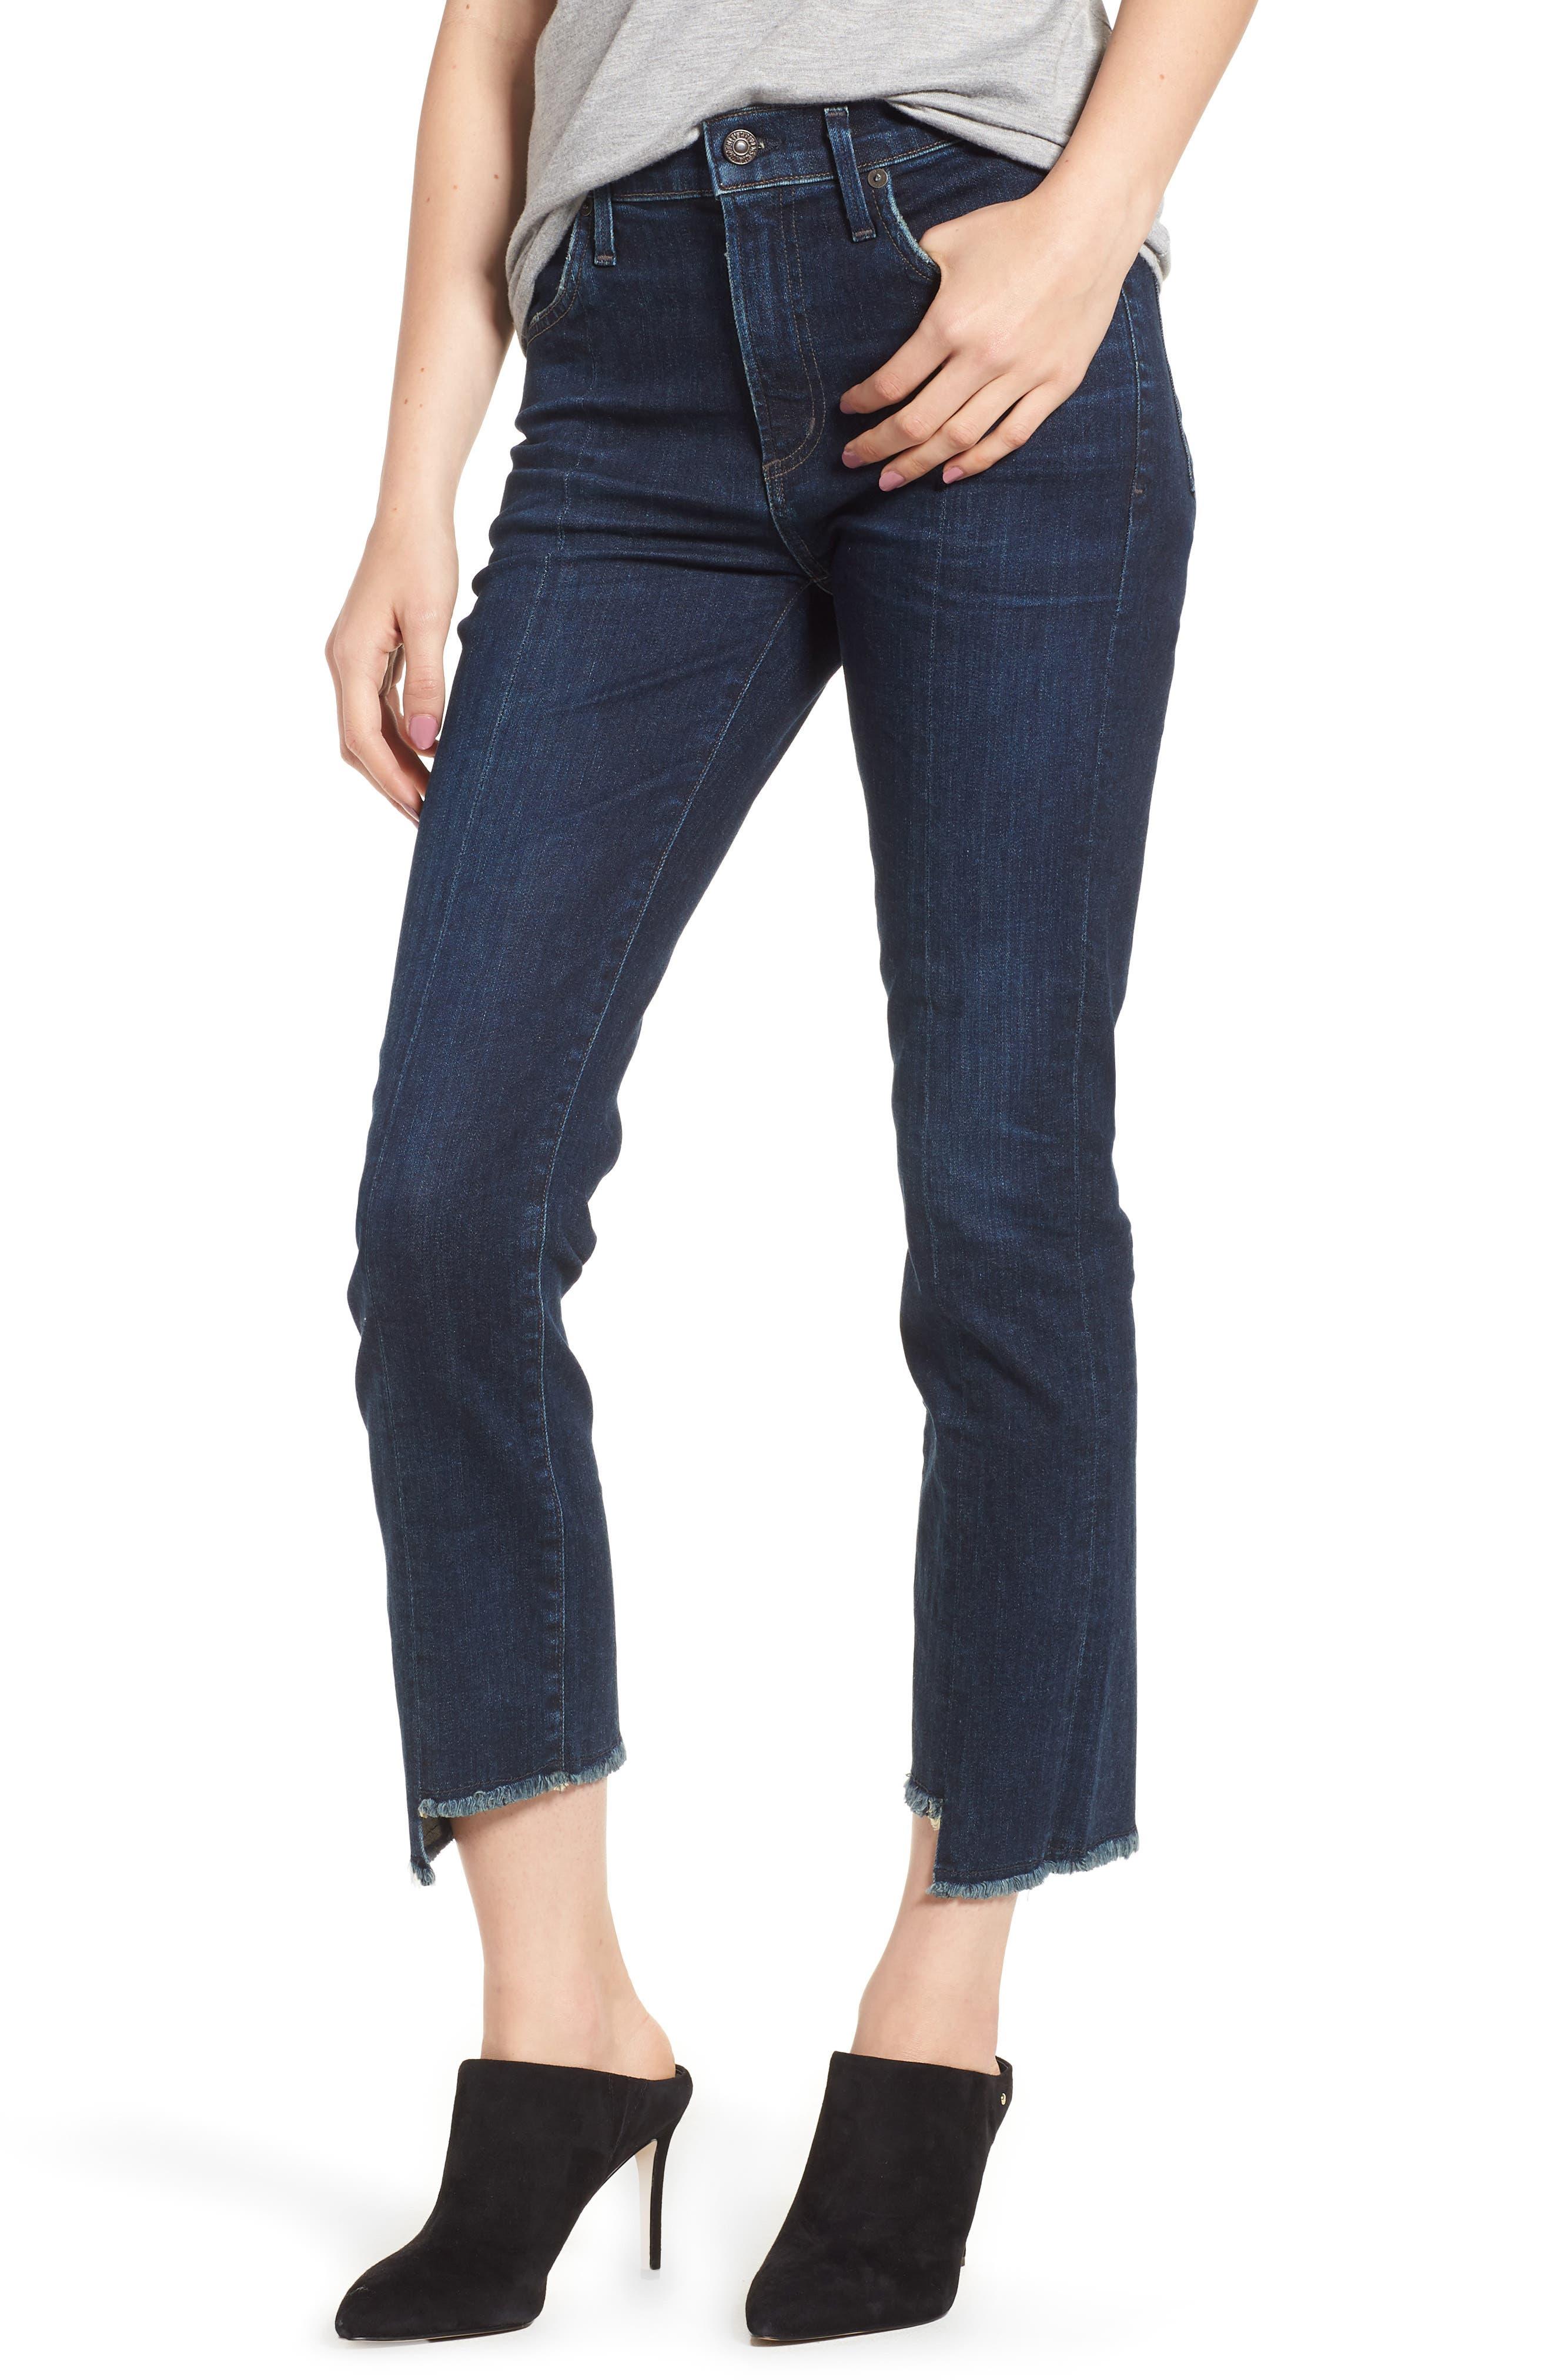 Amari Ankle Skinny Jeans,                         Main,                         color, Maya